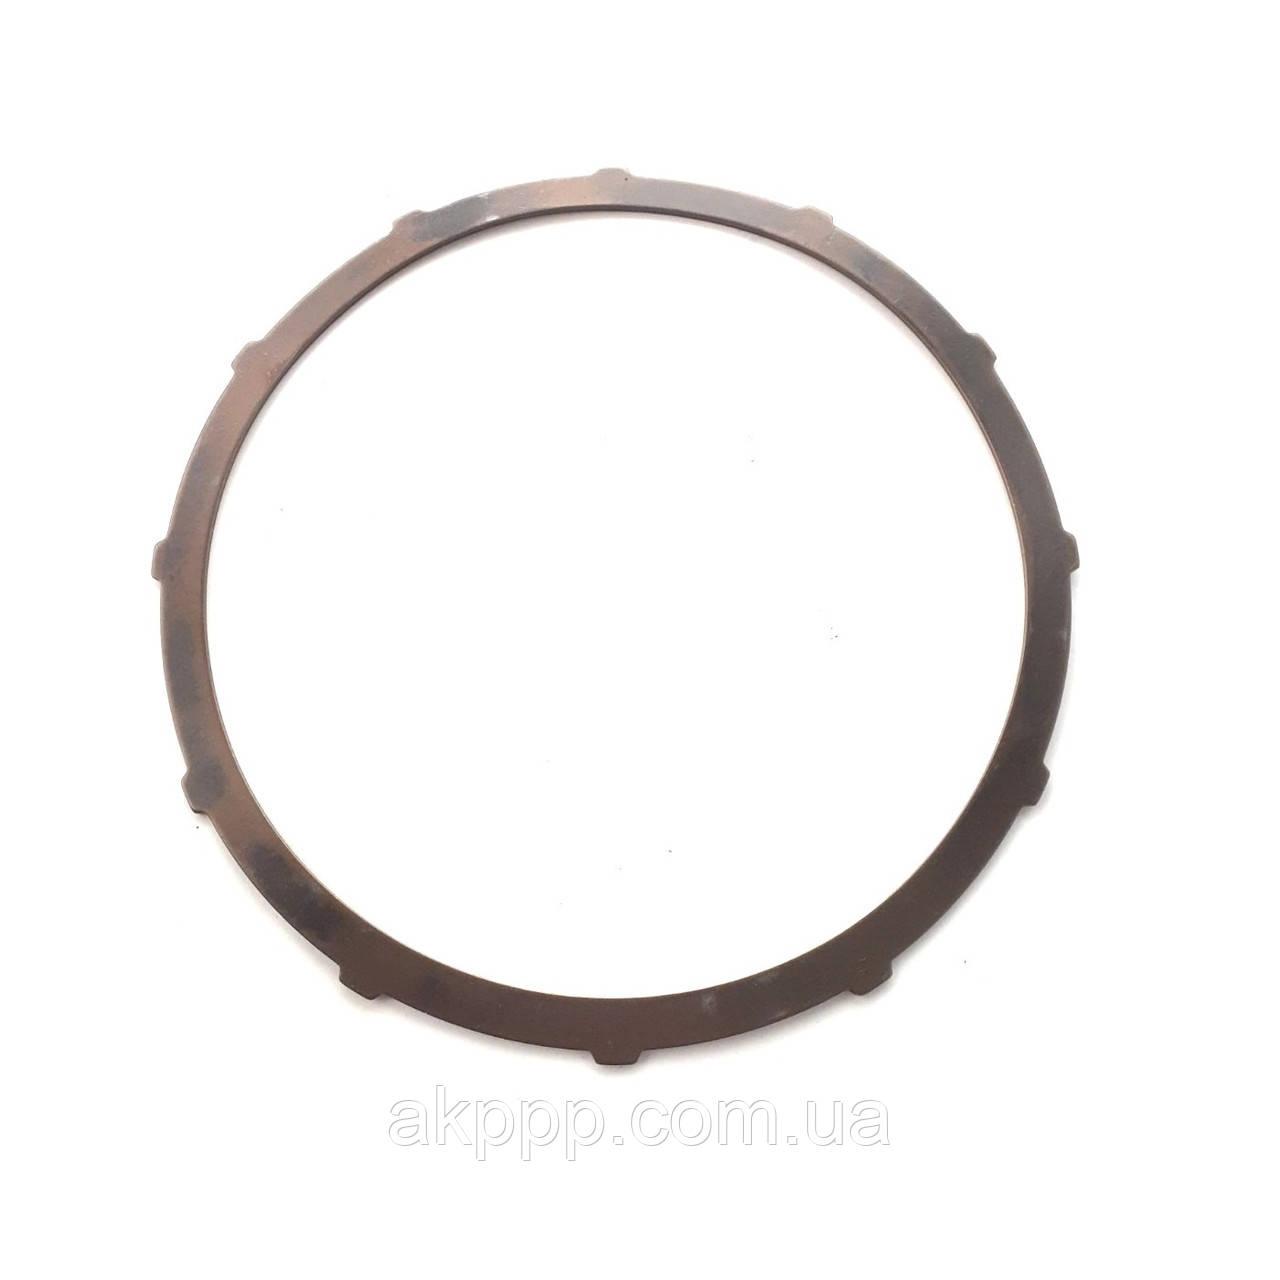 Стальной диск акпп 5L40E волнистый (2,2/164/181 мм) б/у